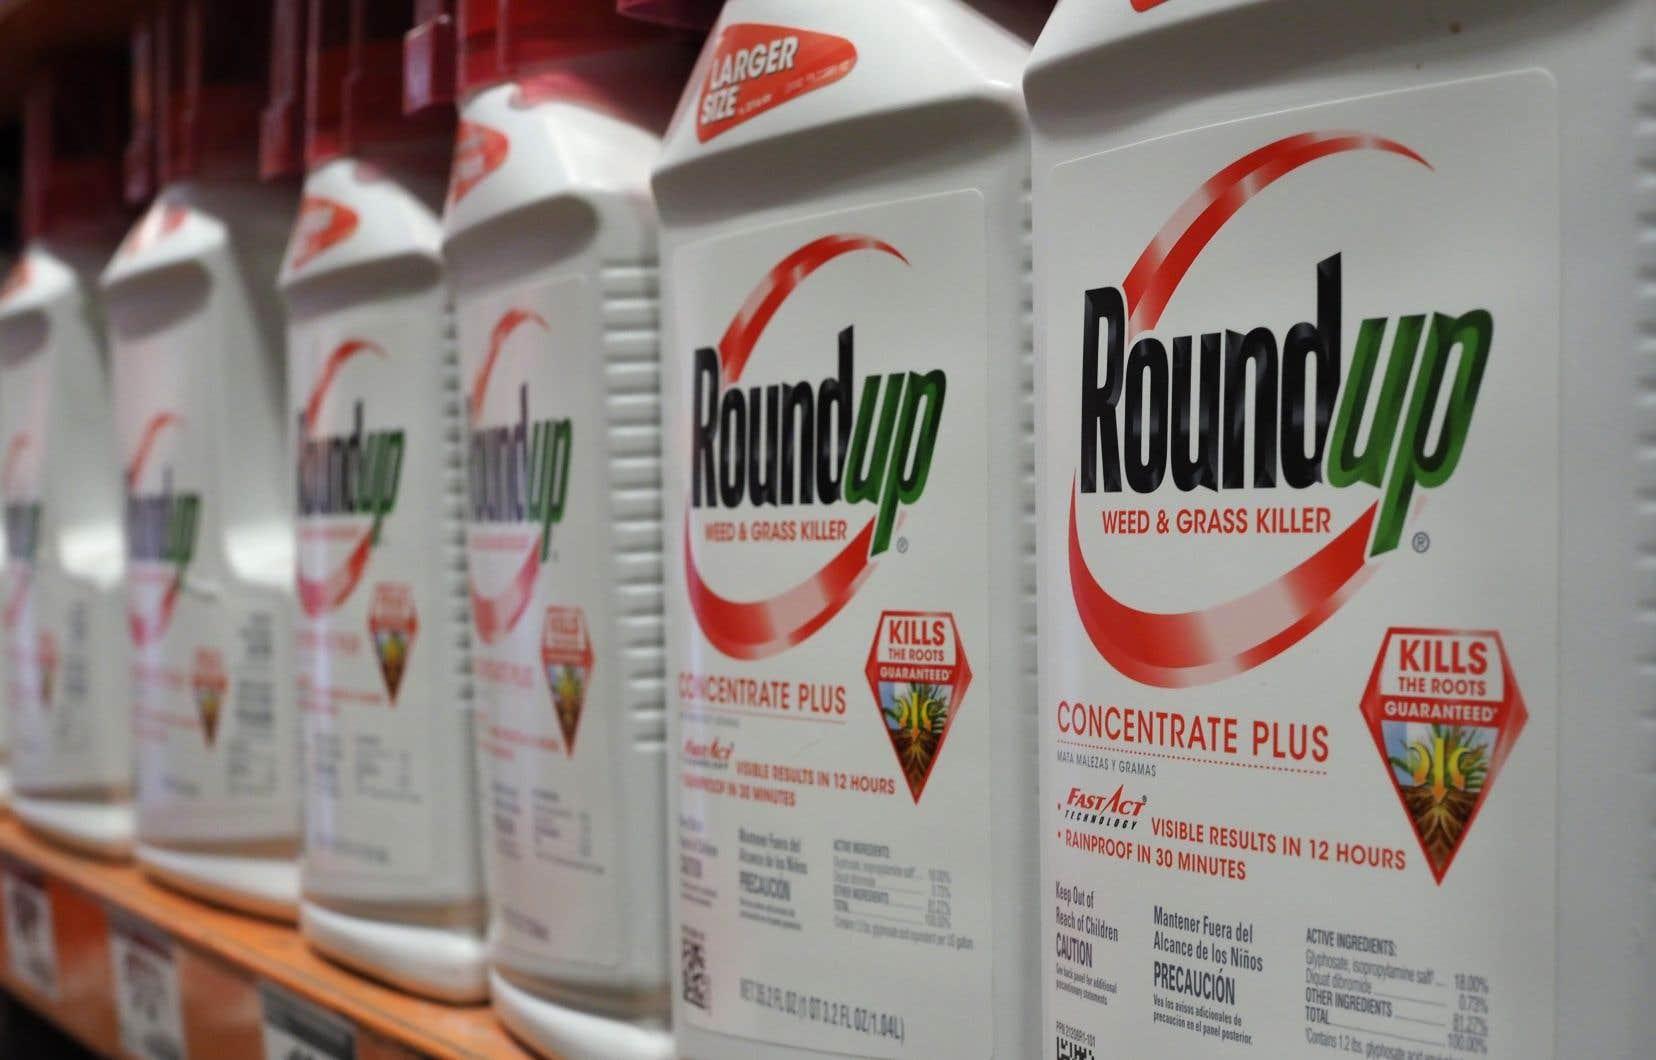 Ce procès était le premier mettant sur le banc des accusés les produits au glyphosate de Monsanto, contre lesquels quelque 8000 procédures juridiques sont en cours.